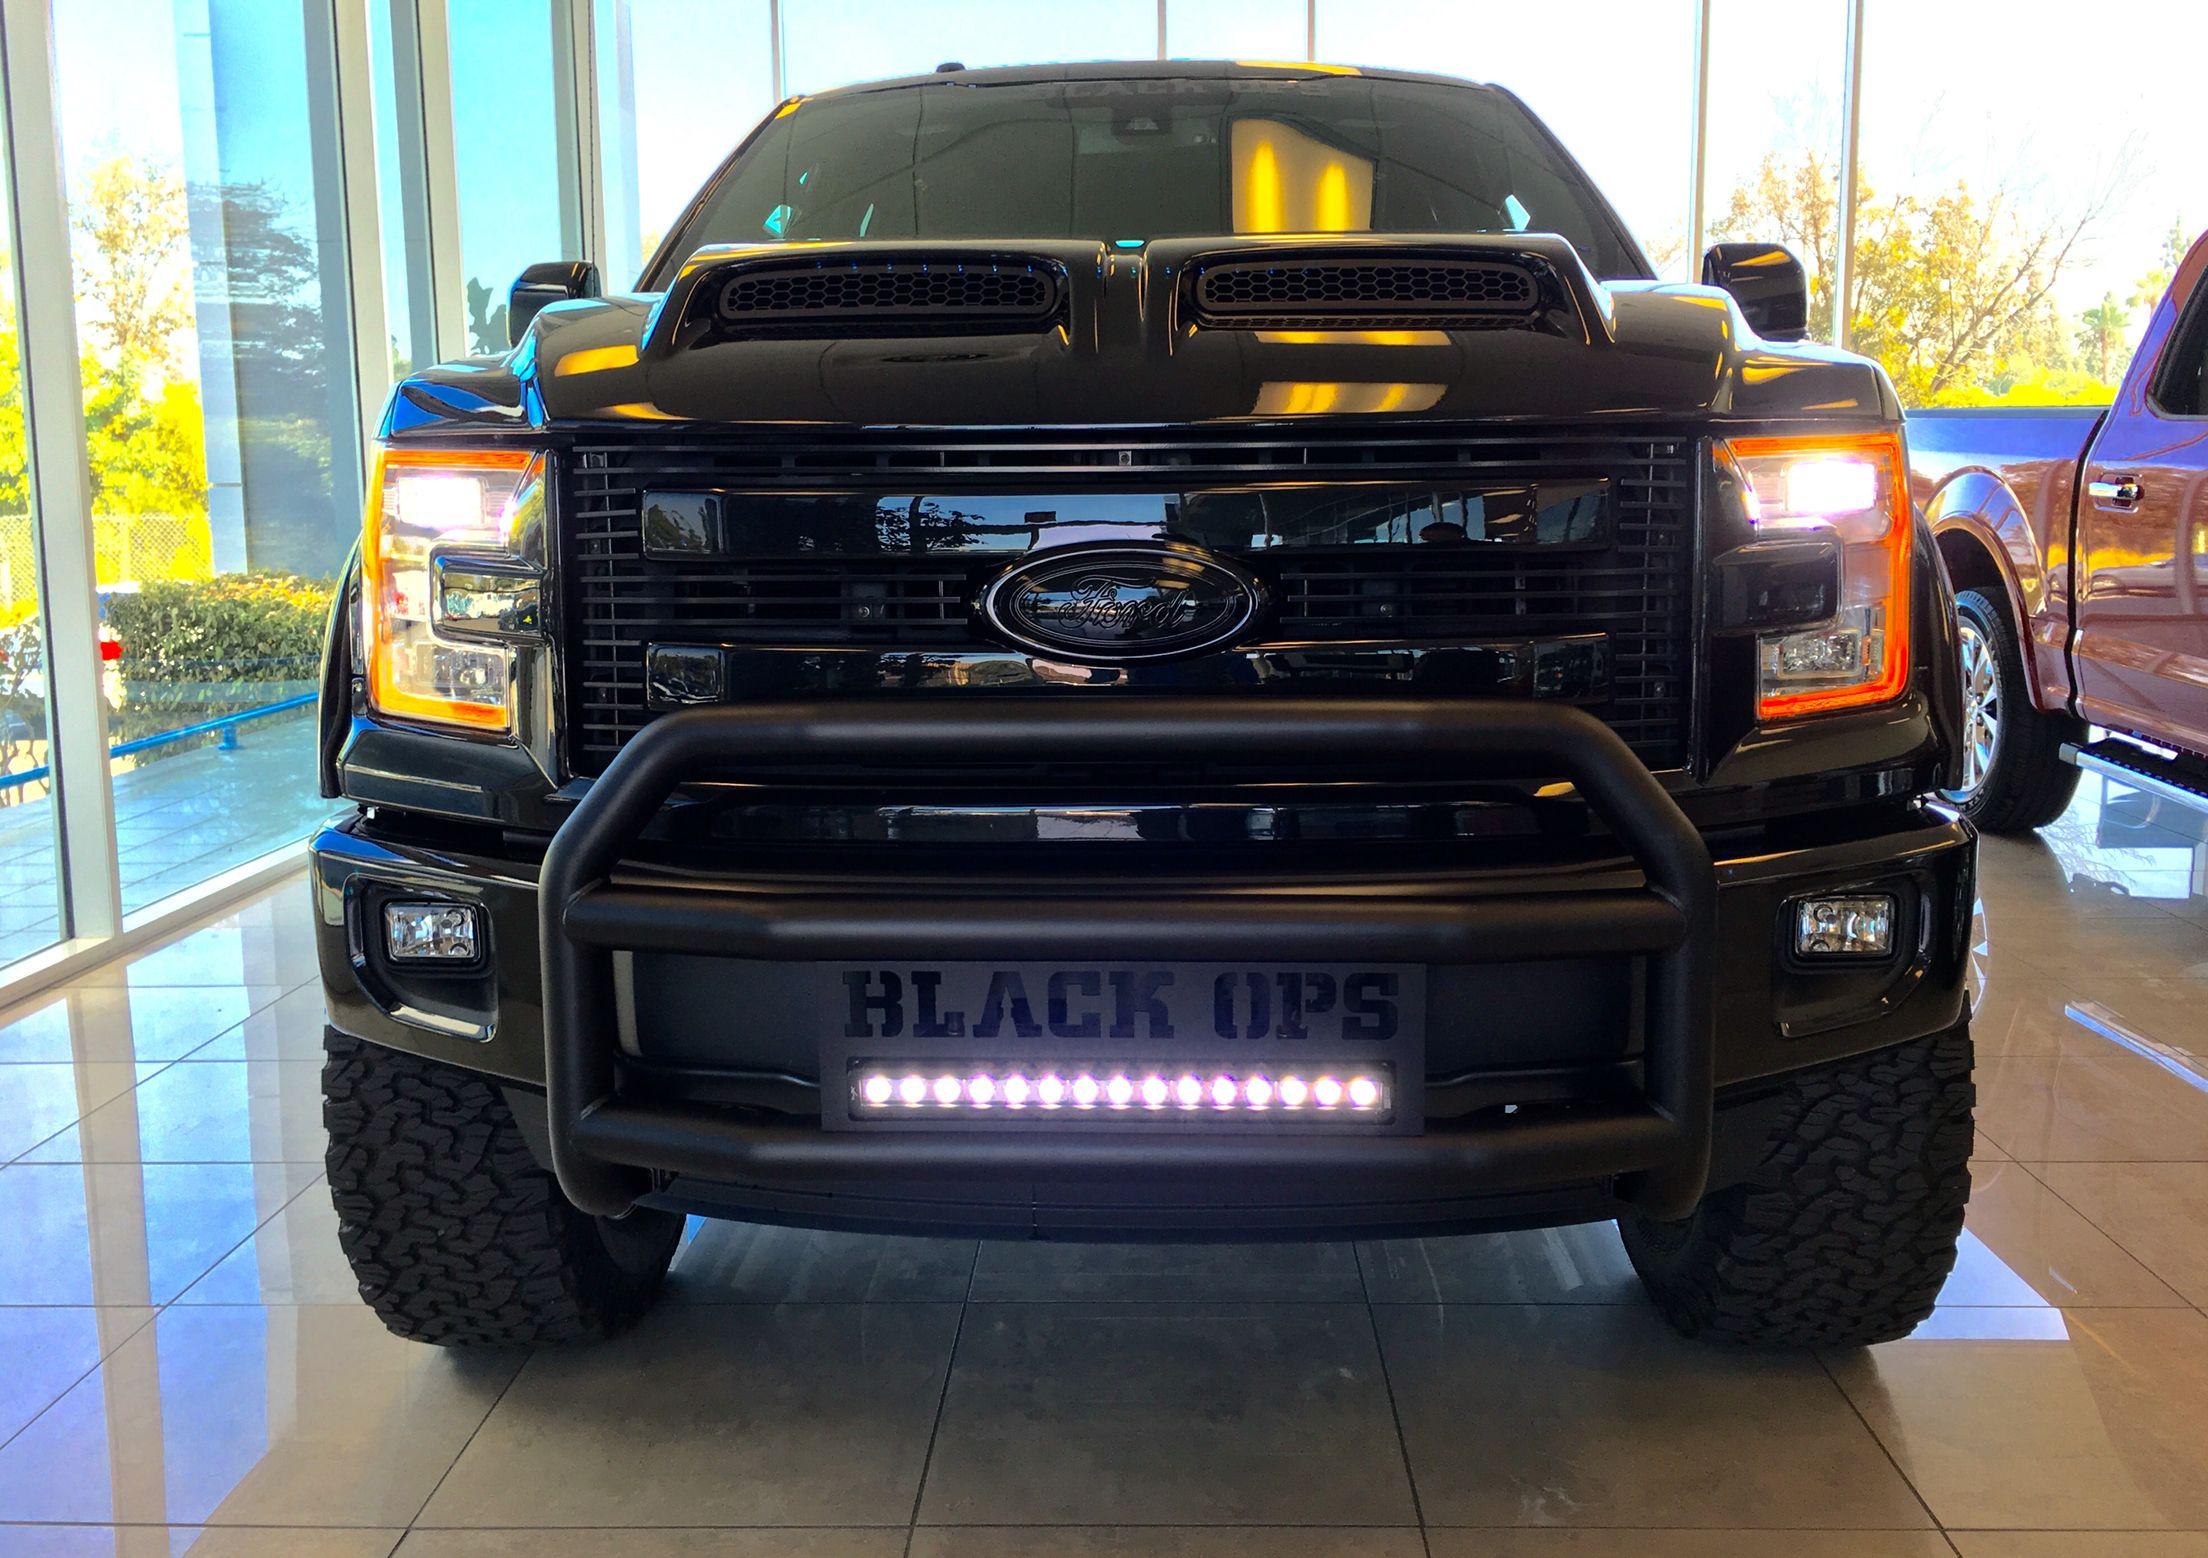 Lithia Ford Lincoln Of Fresno >> Lithia Ford Lincoln Of Fresno Lithia Ford Lincoln Of